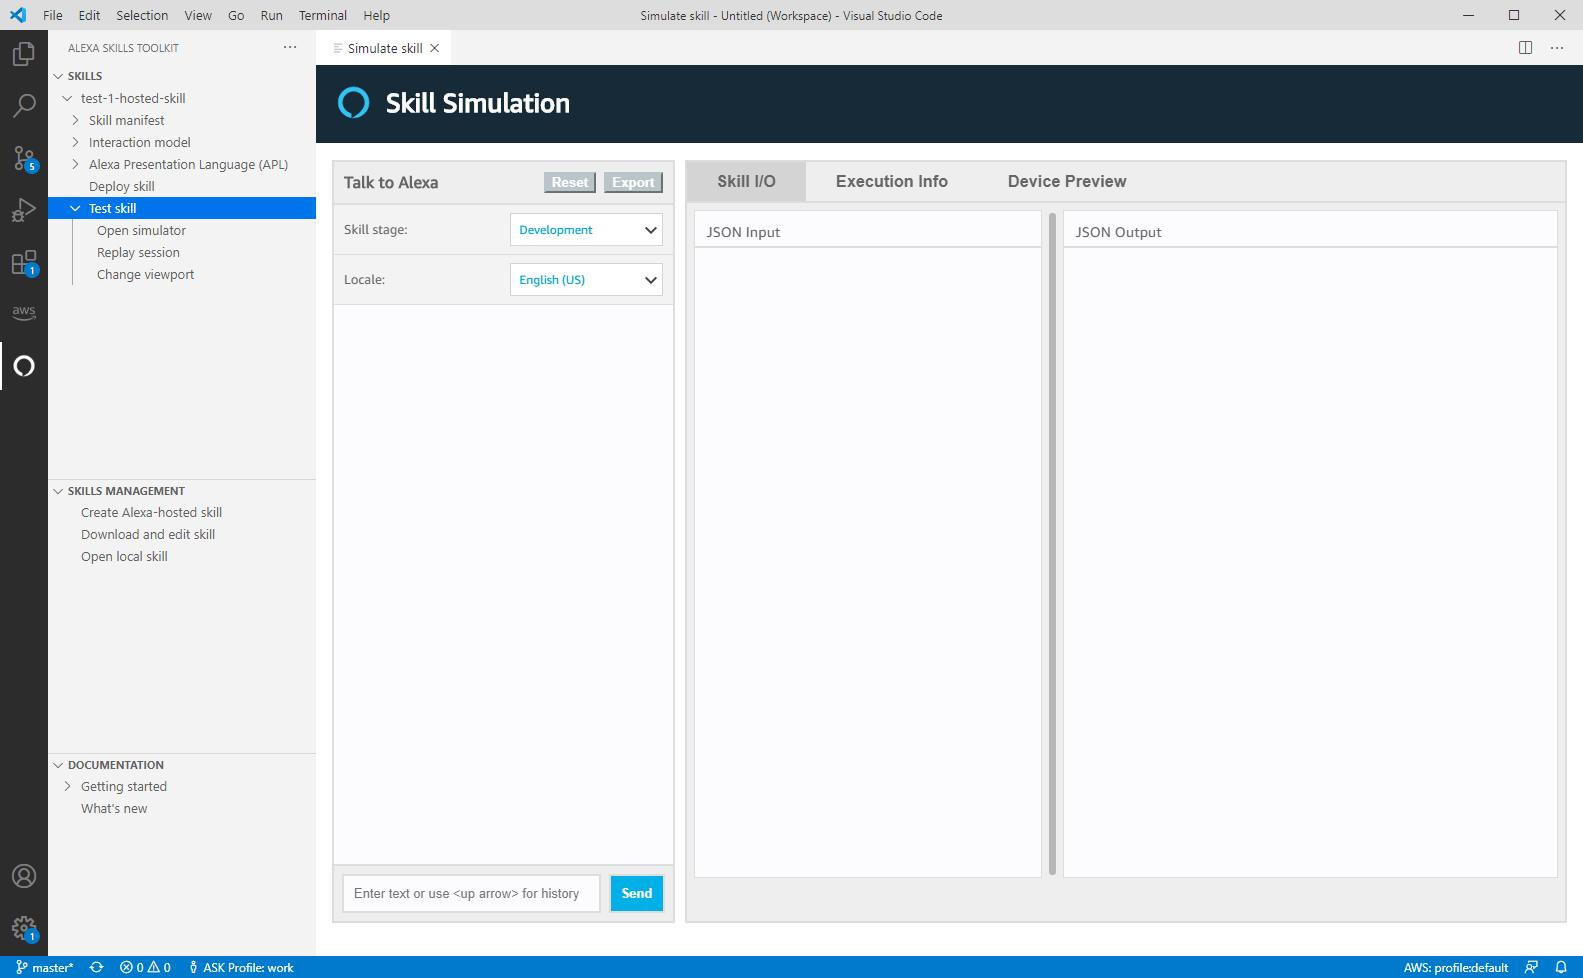 VS Code IDEのSkill Simulationページ